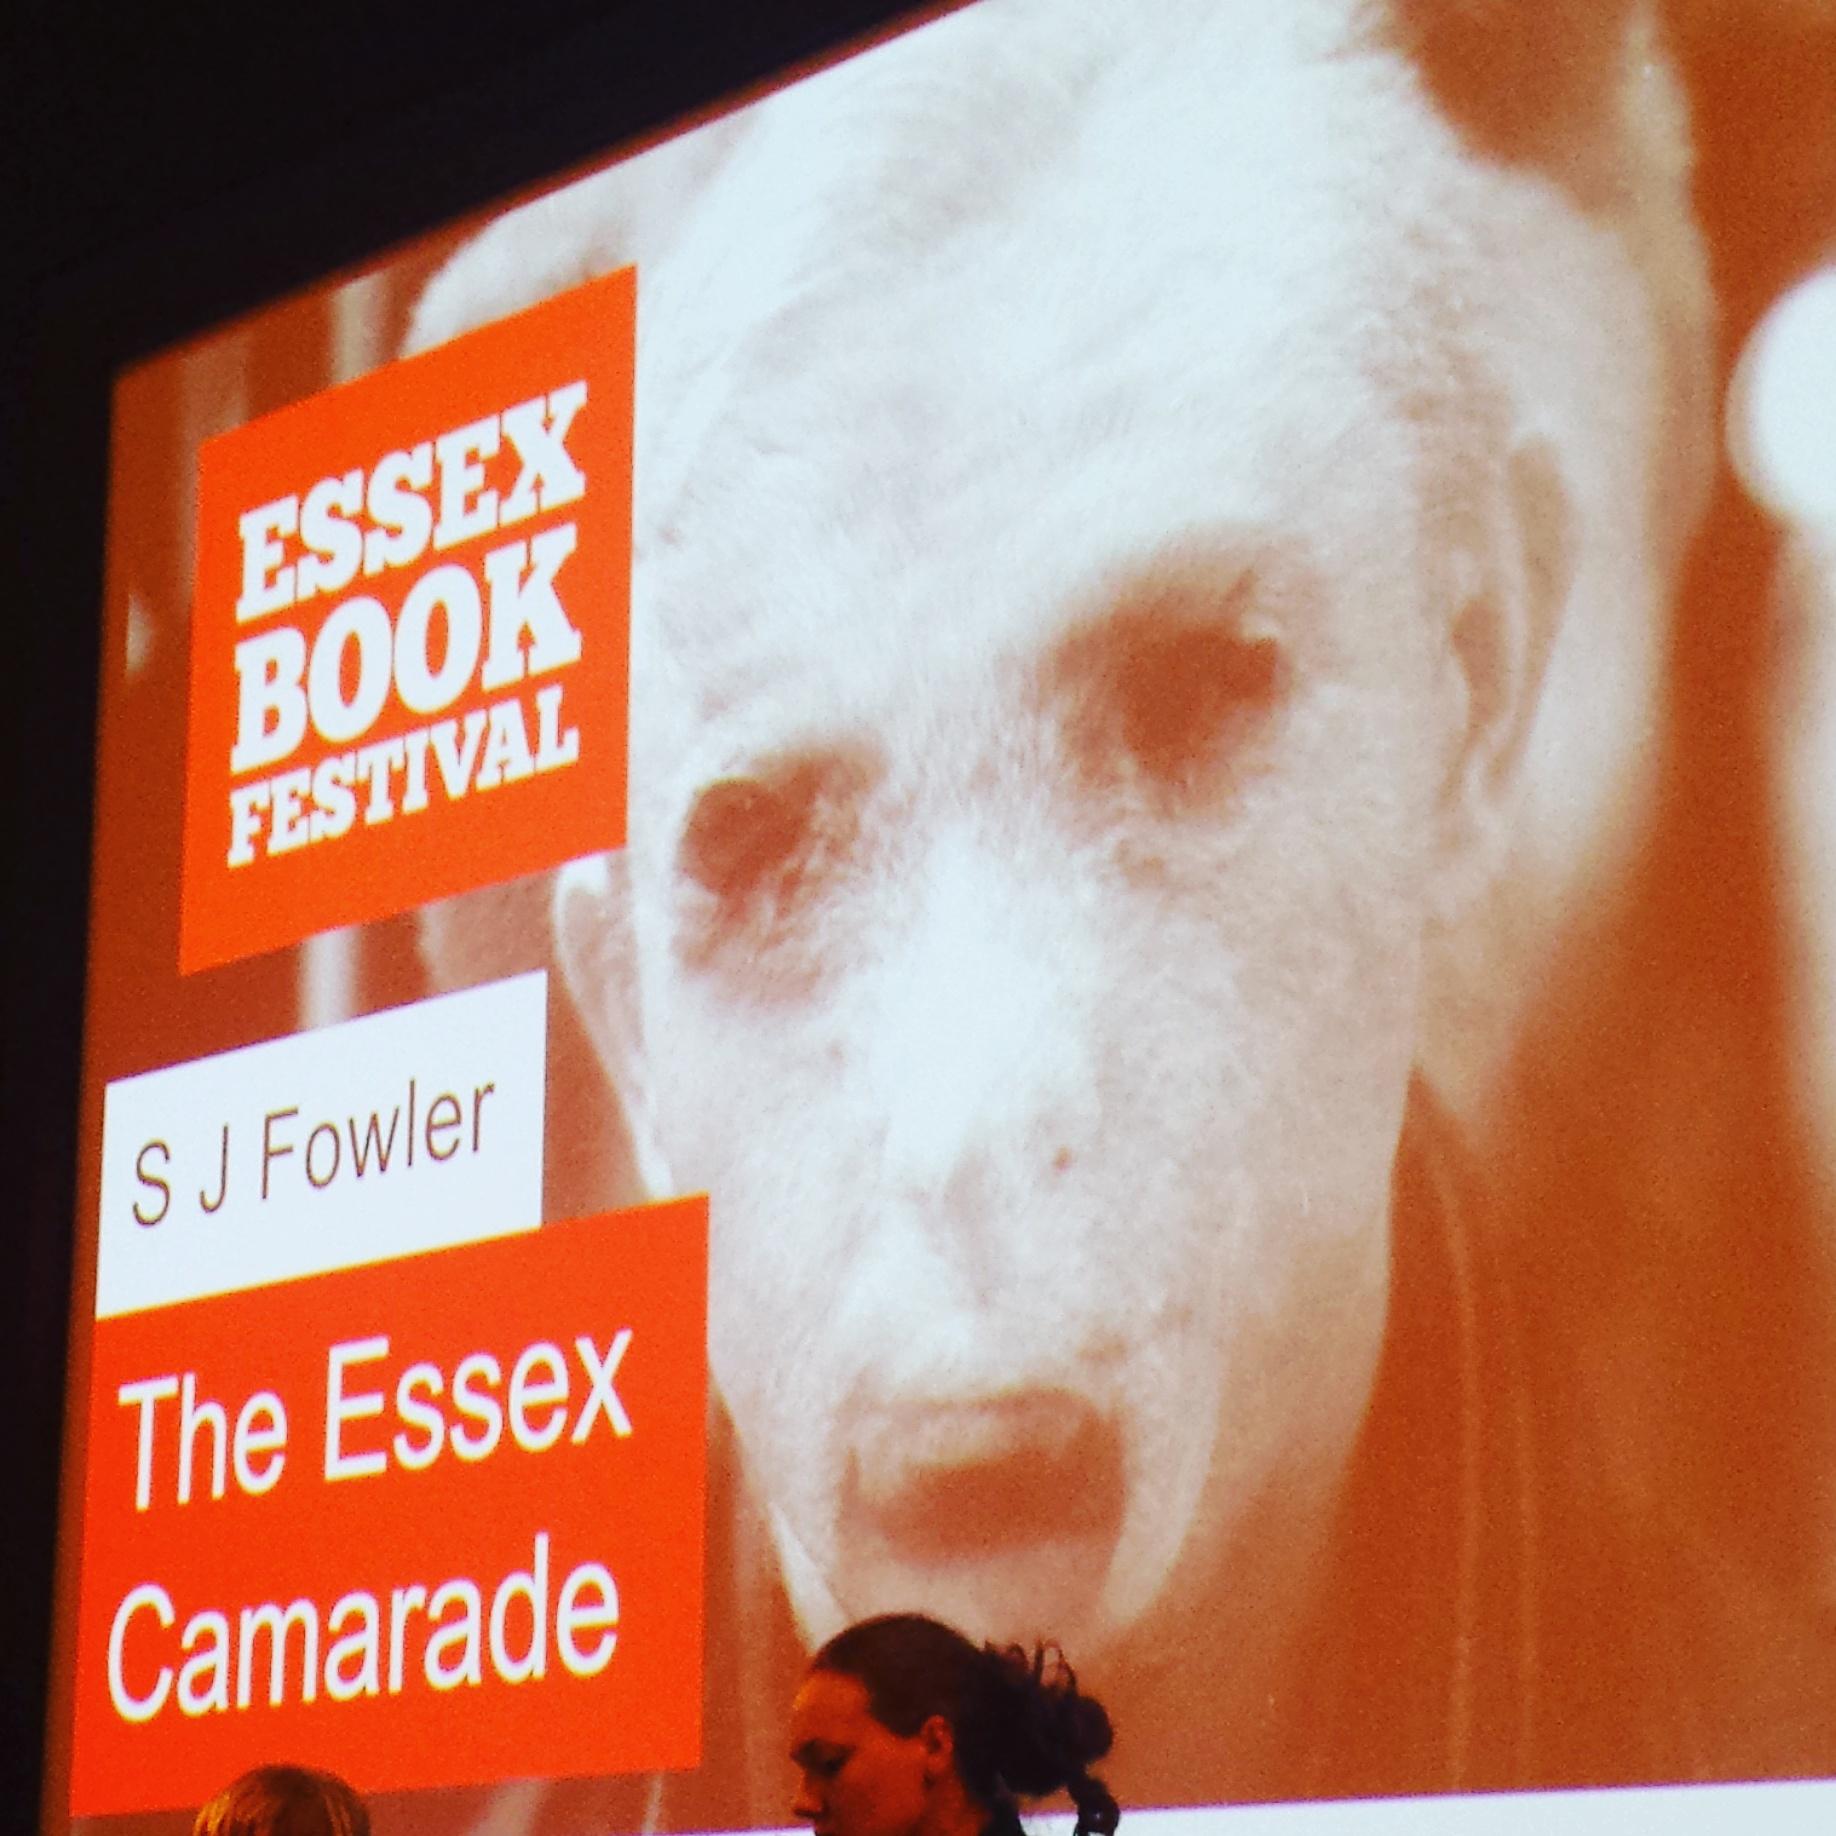 The Essex Camarade